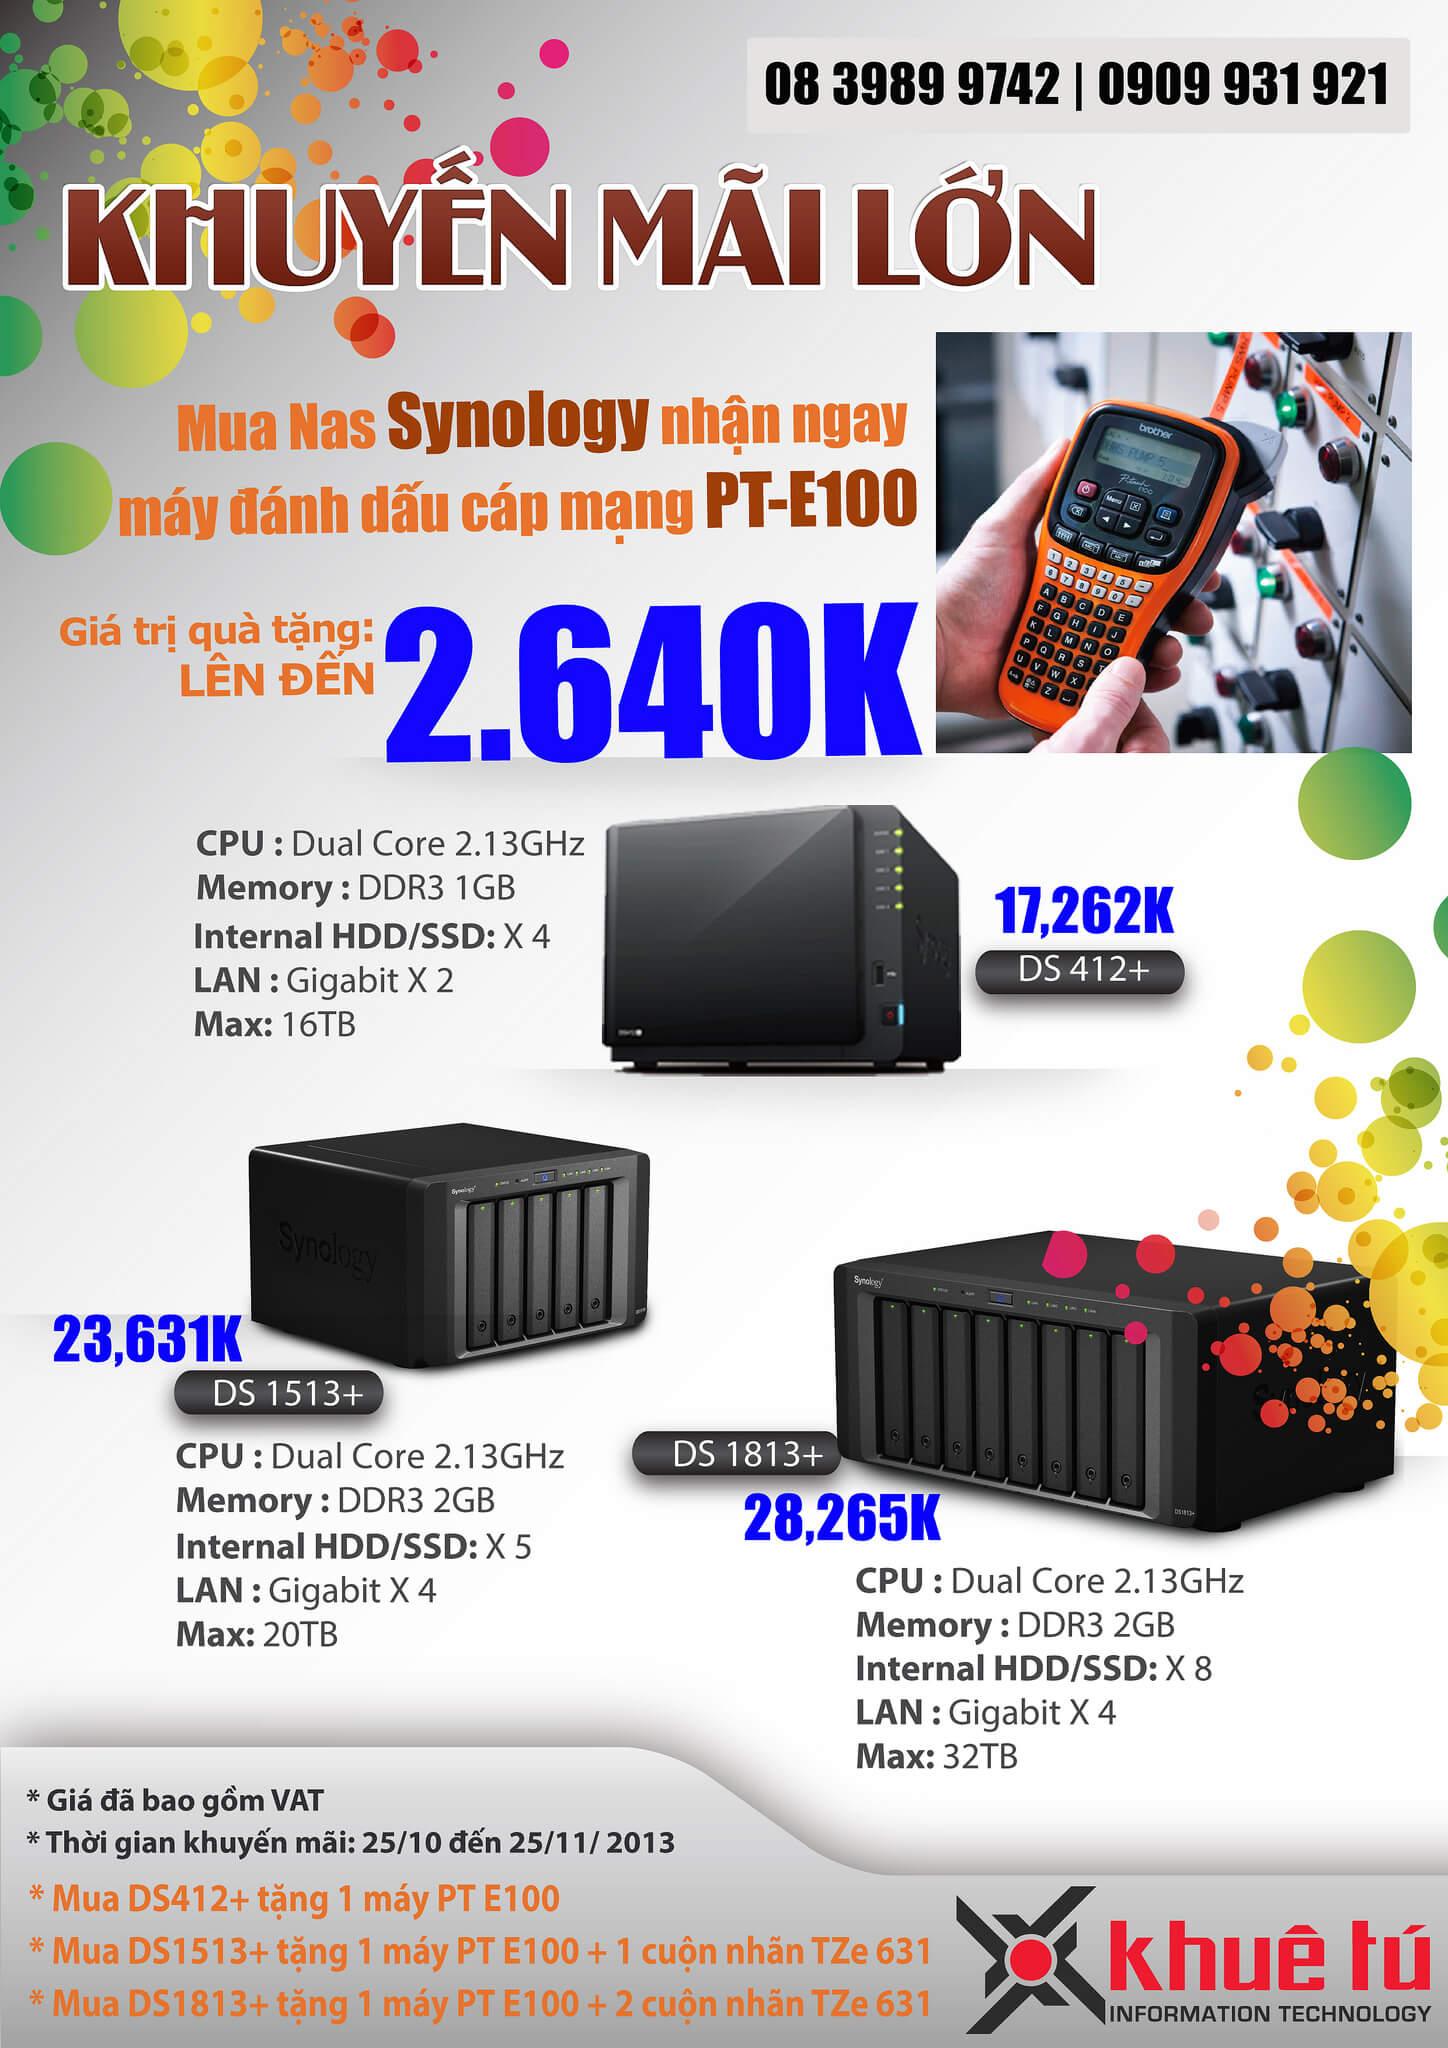 Khuyến Mãi: Mua NAS Synology tặng Máy đánh dấu cáp mạng Brother PT-E100